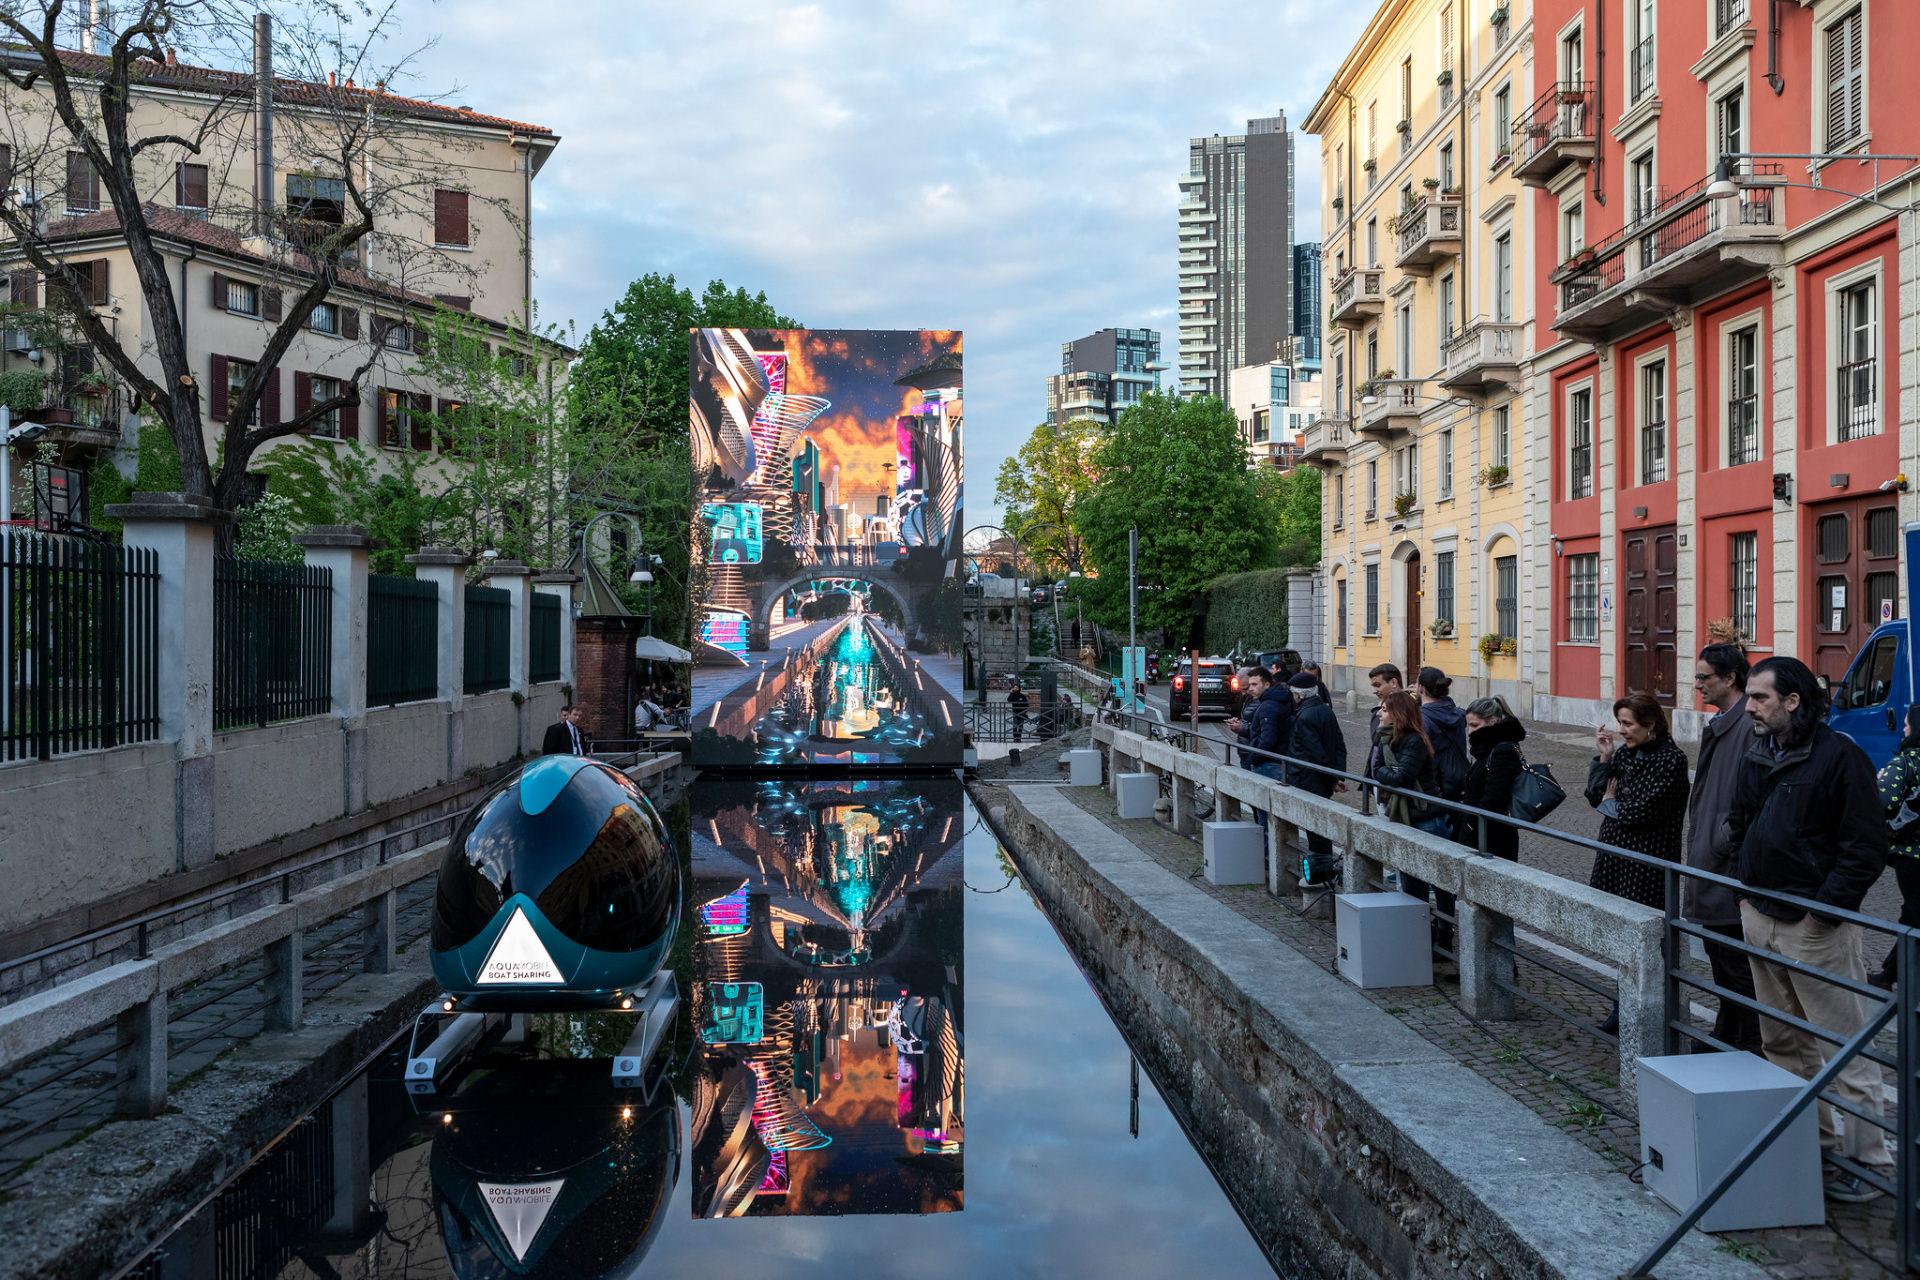 Il salone del mobile 2019 a milano celebra leonardo da for Il salone del mobile